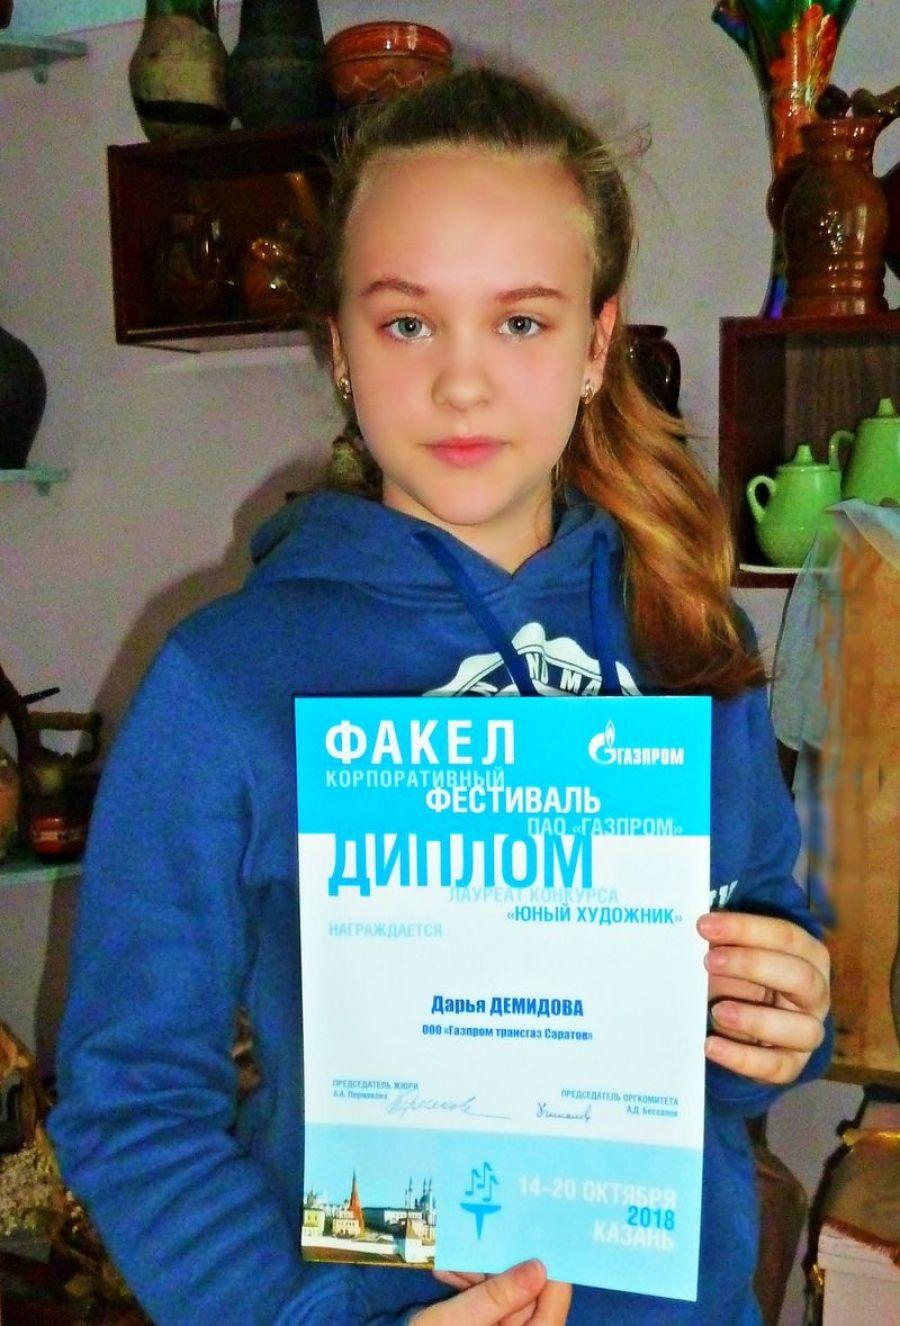 За победу в конкурсе - поездка в Сочи!